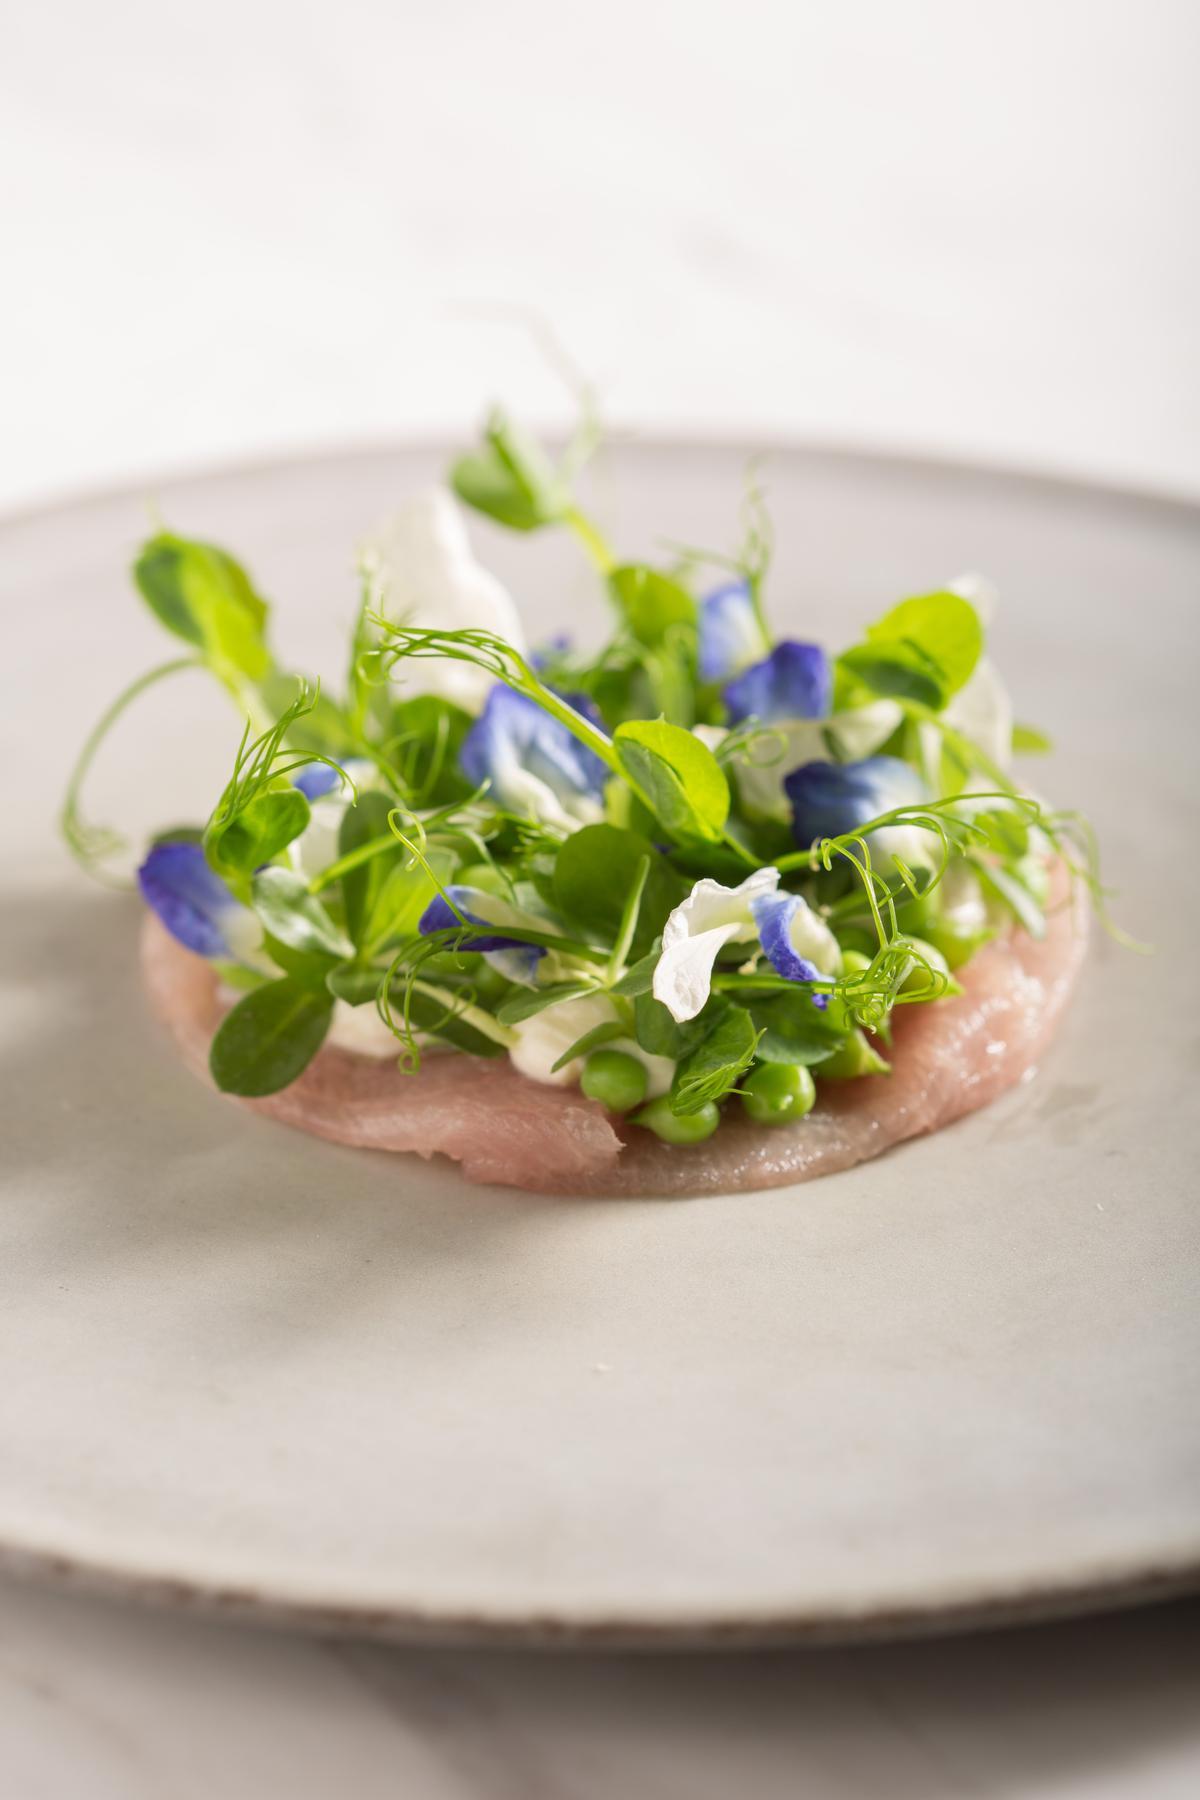 「白旗魚豆苗花煙燻起司」加入富有甜豆味的花朵,把白肉魚的油脂轉為輕盈。(2880元套餐菜色,不一定提供)